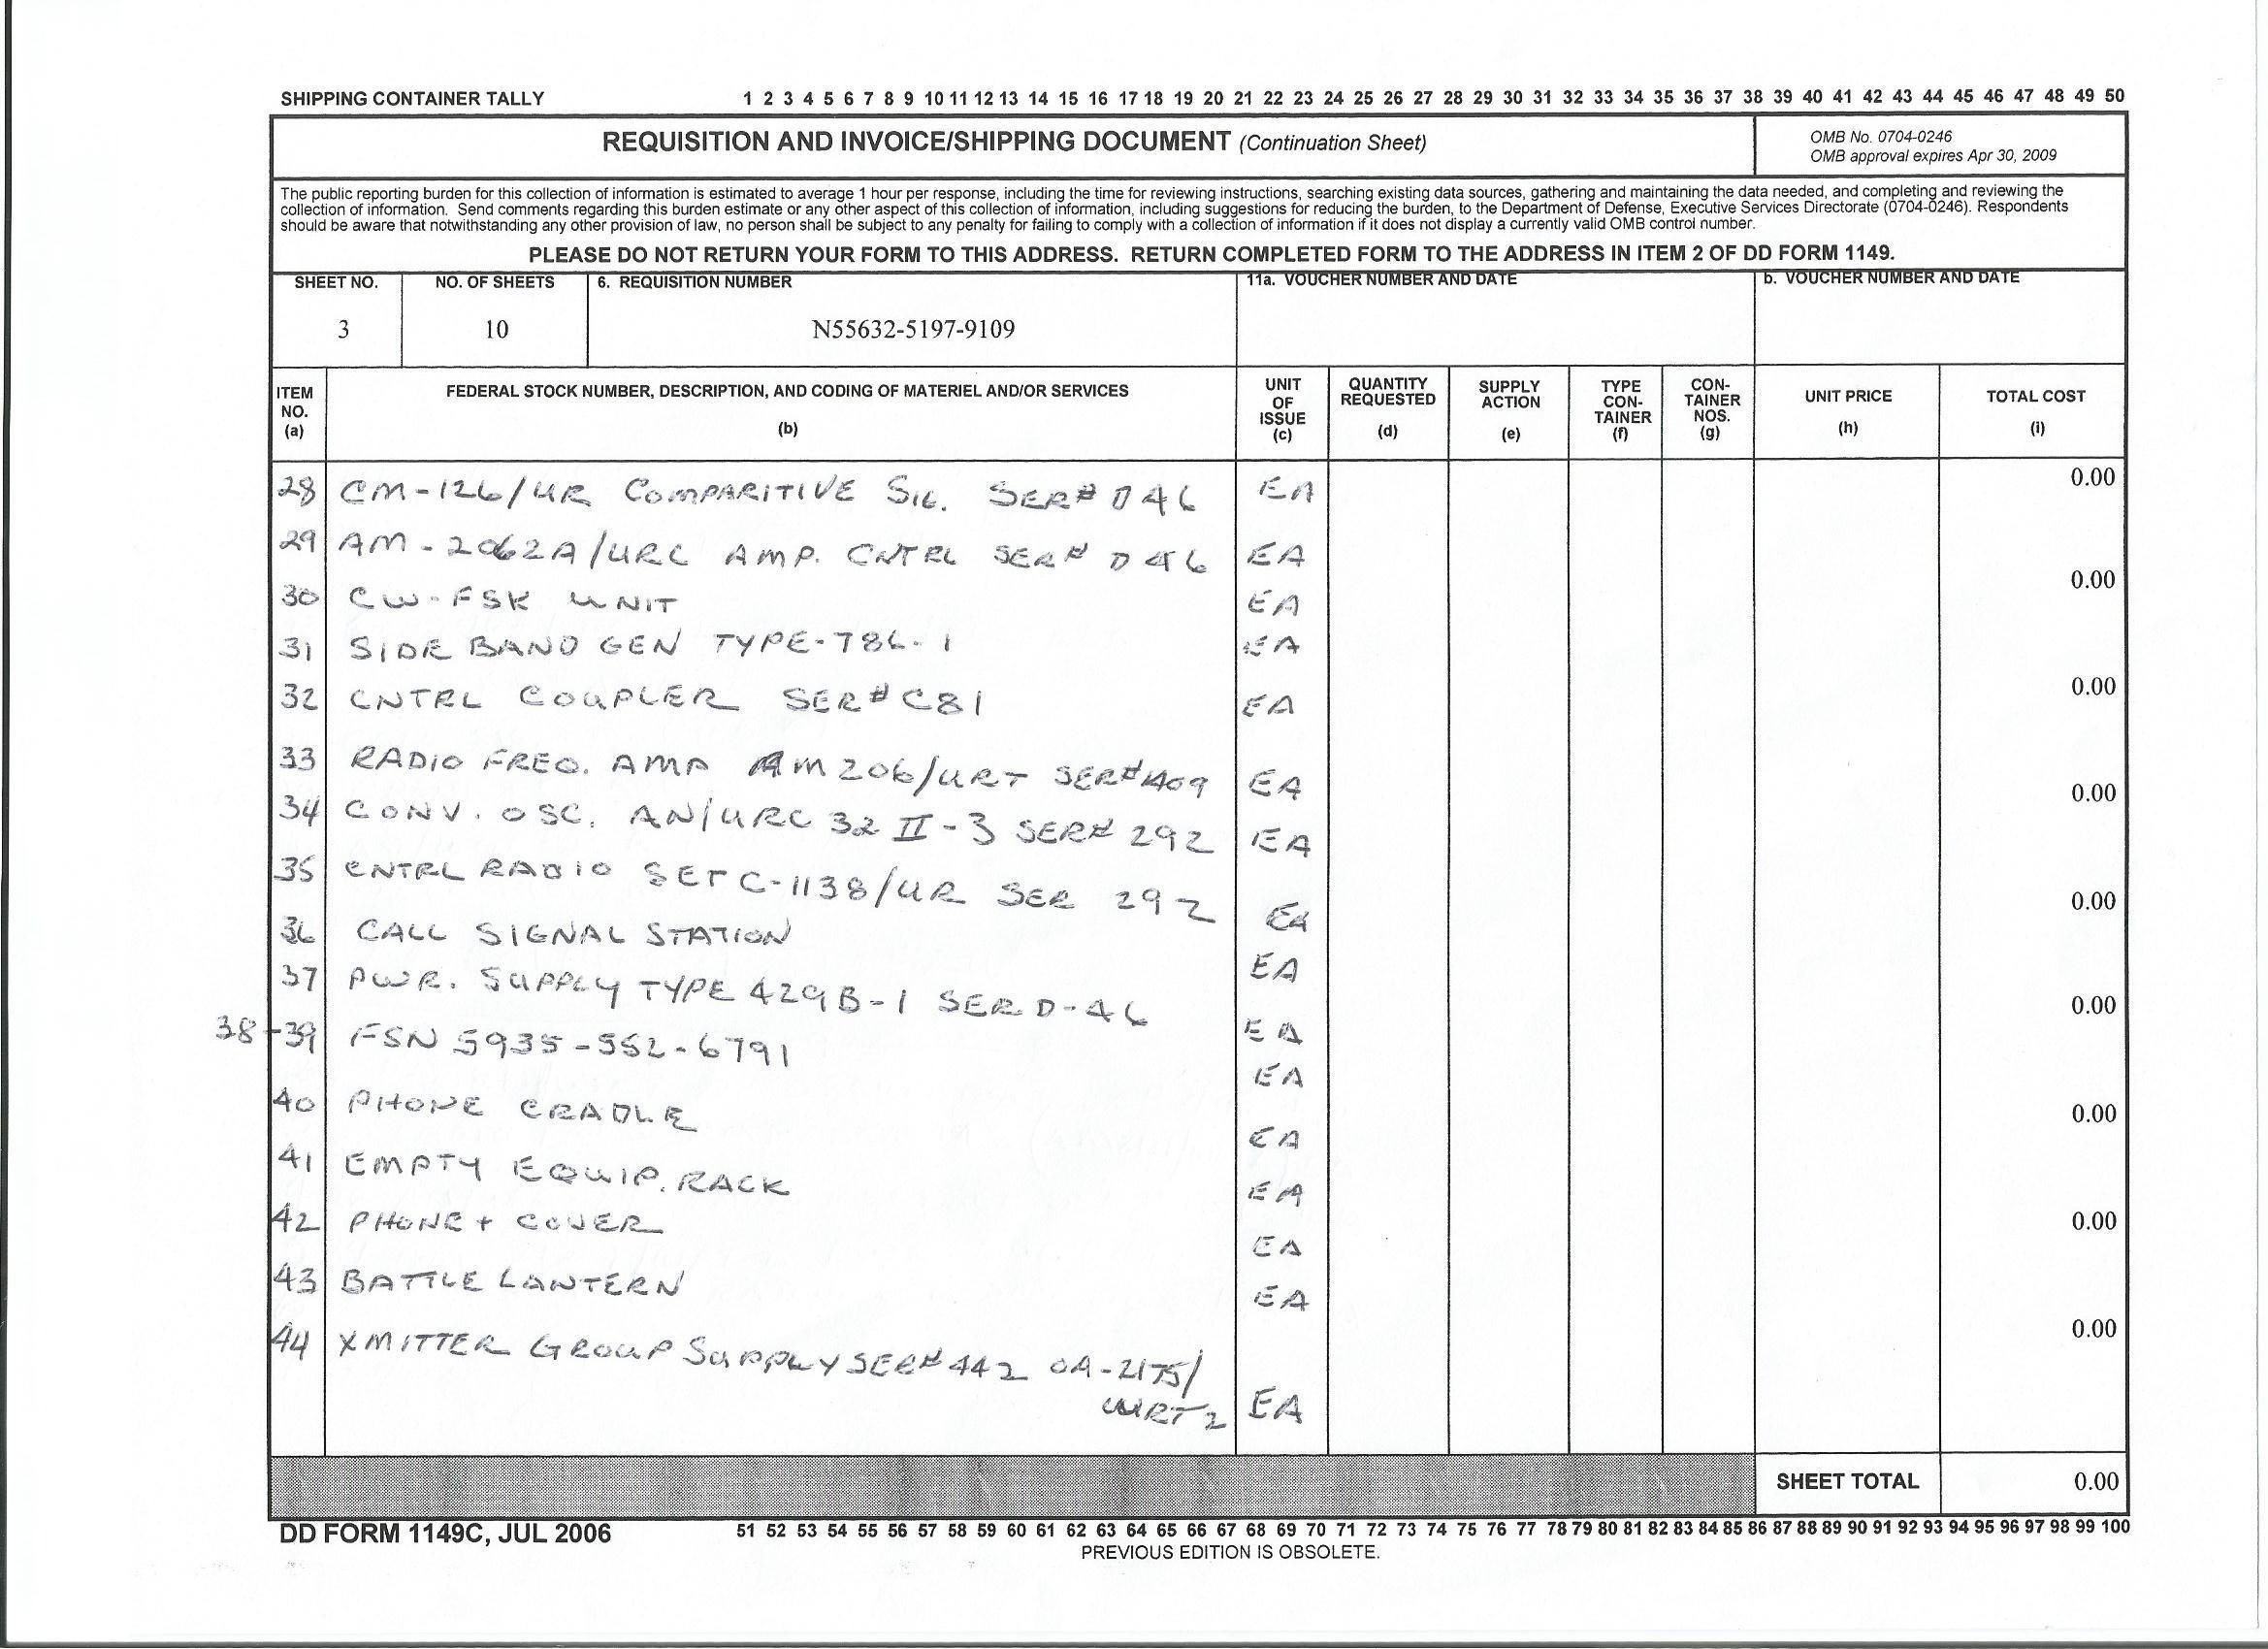 dd1149-7-14-15 pg.3